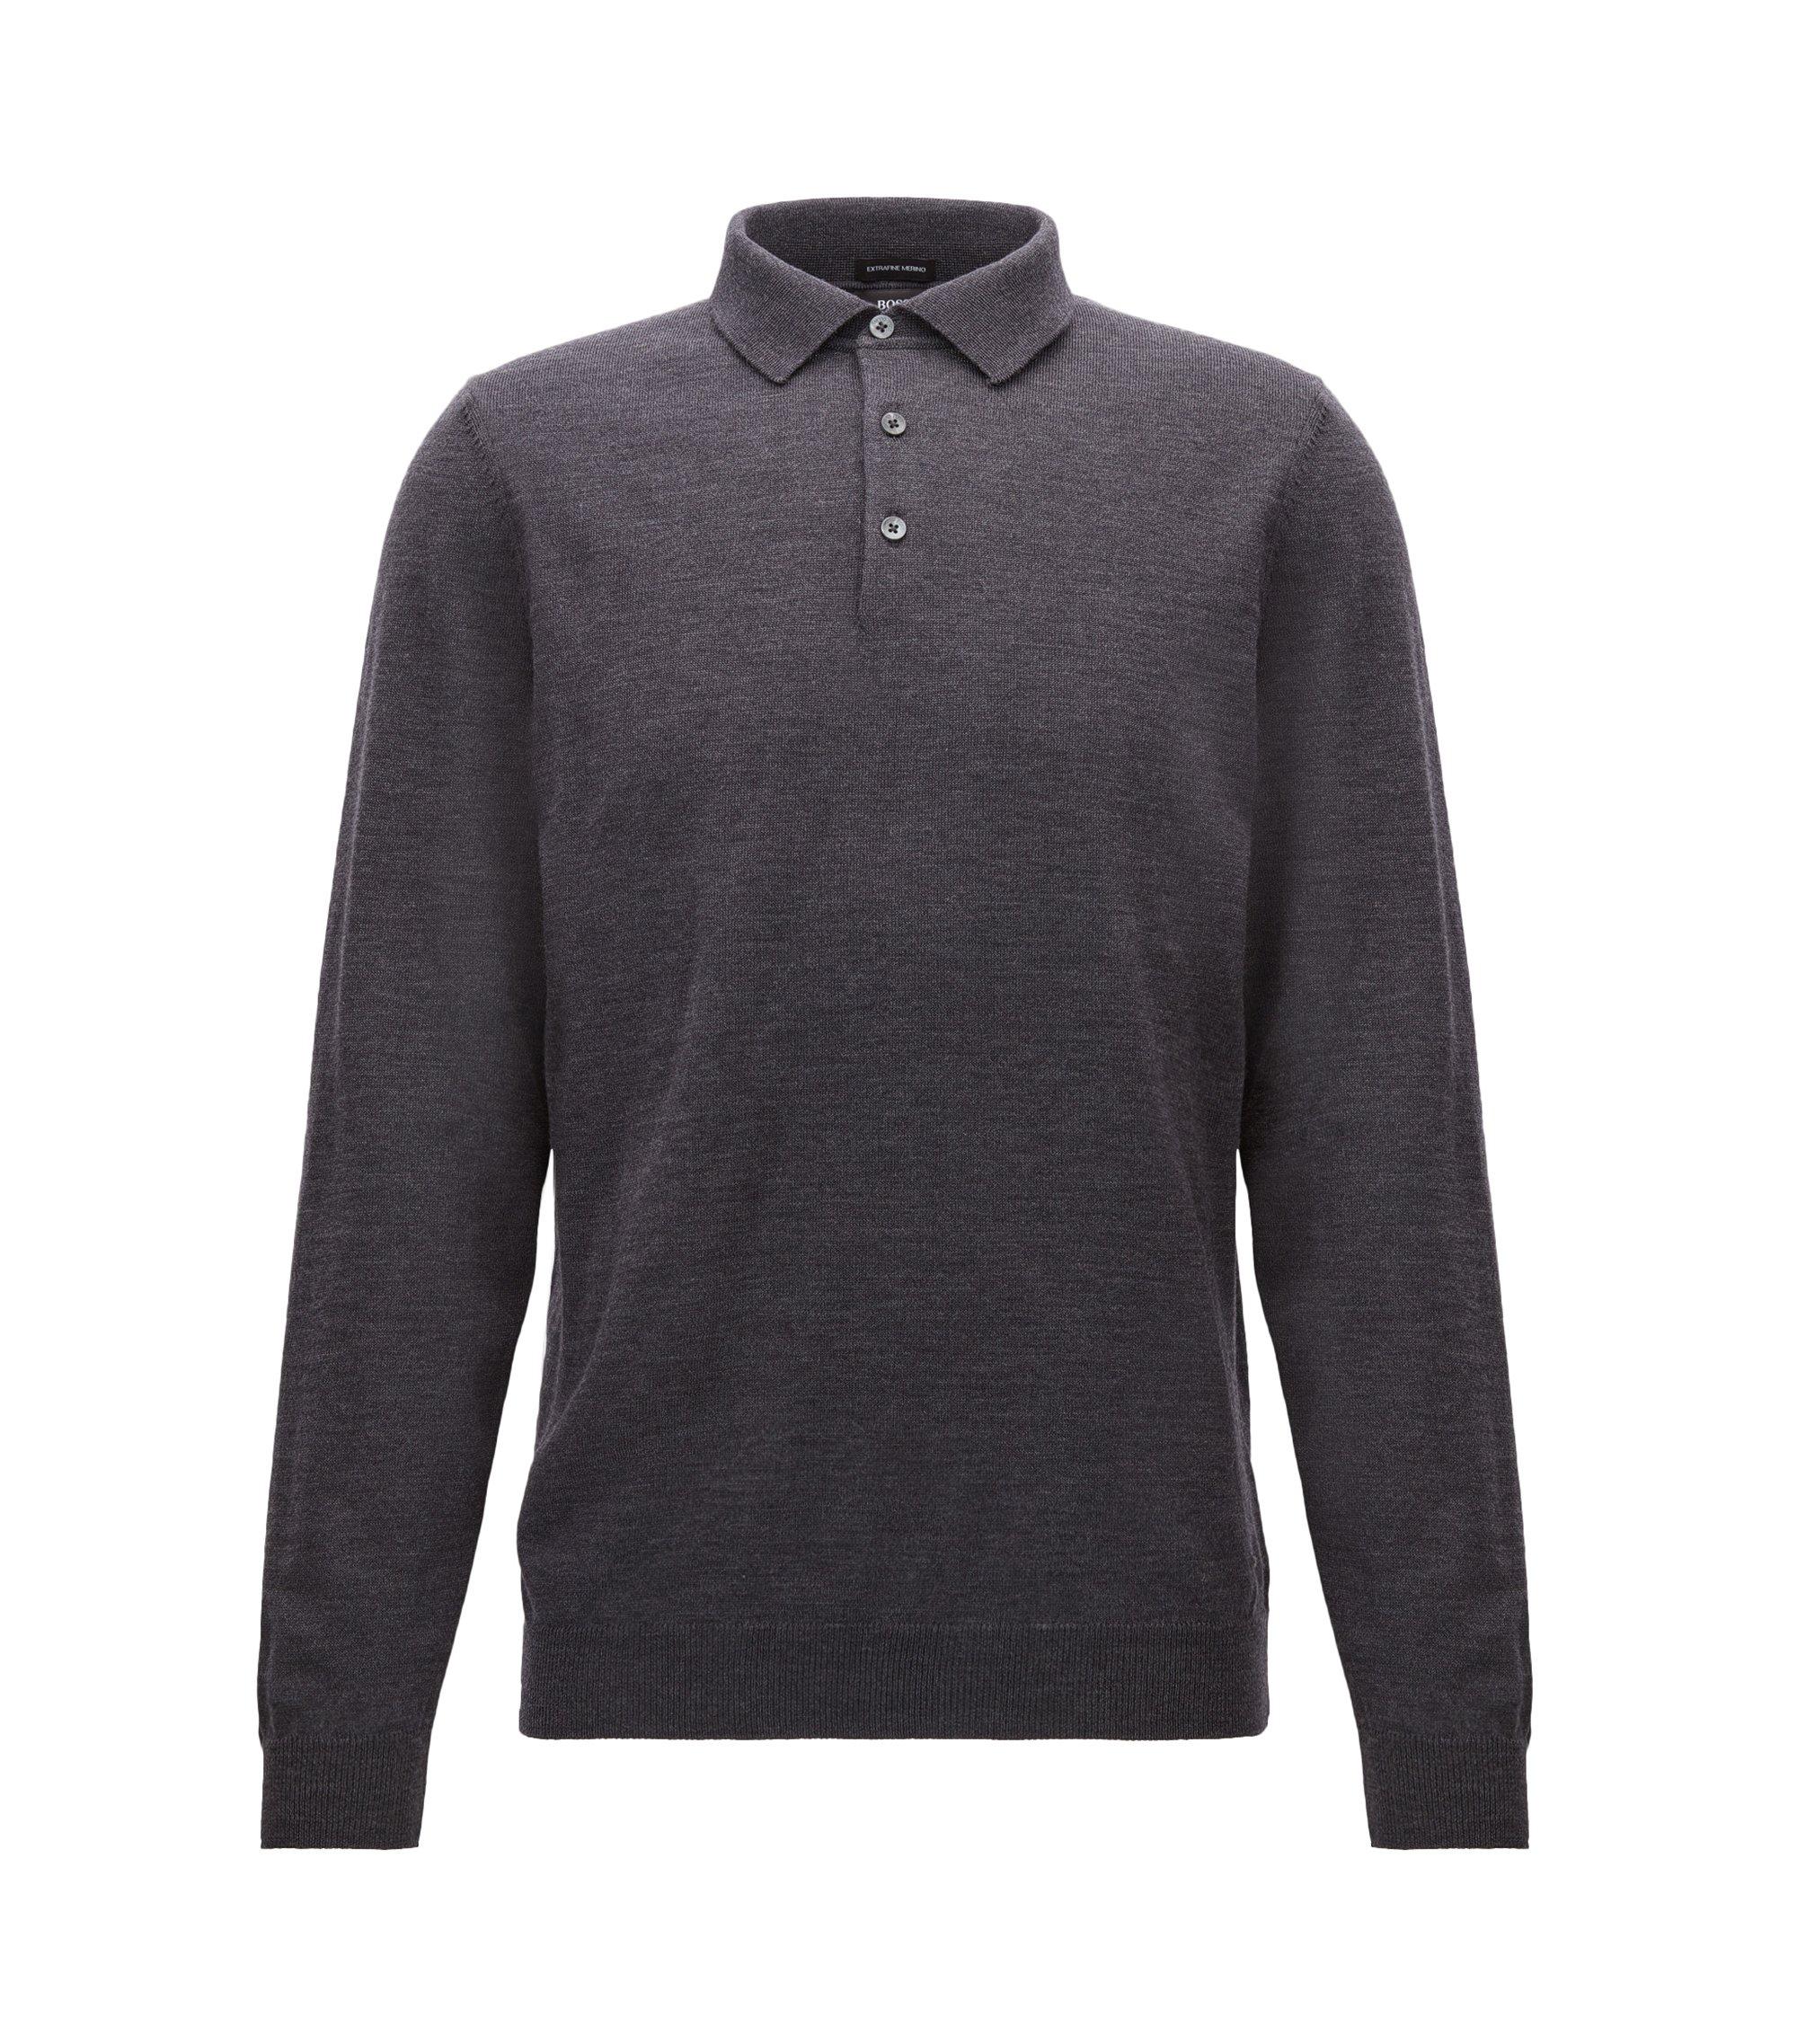 Maglione a maniche lunghe con colletto polo in lana vergine, Grigio scuro